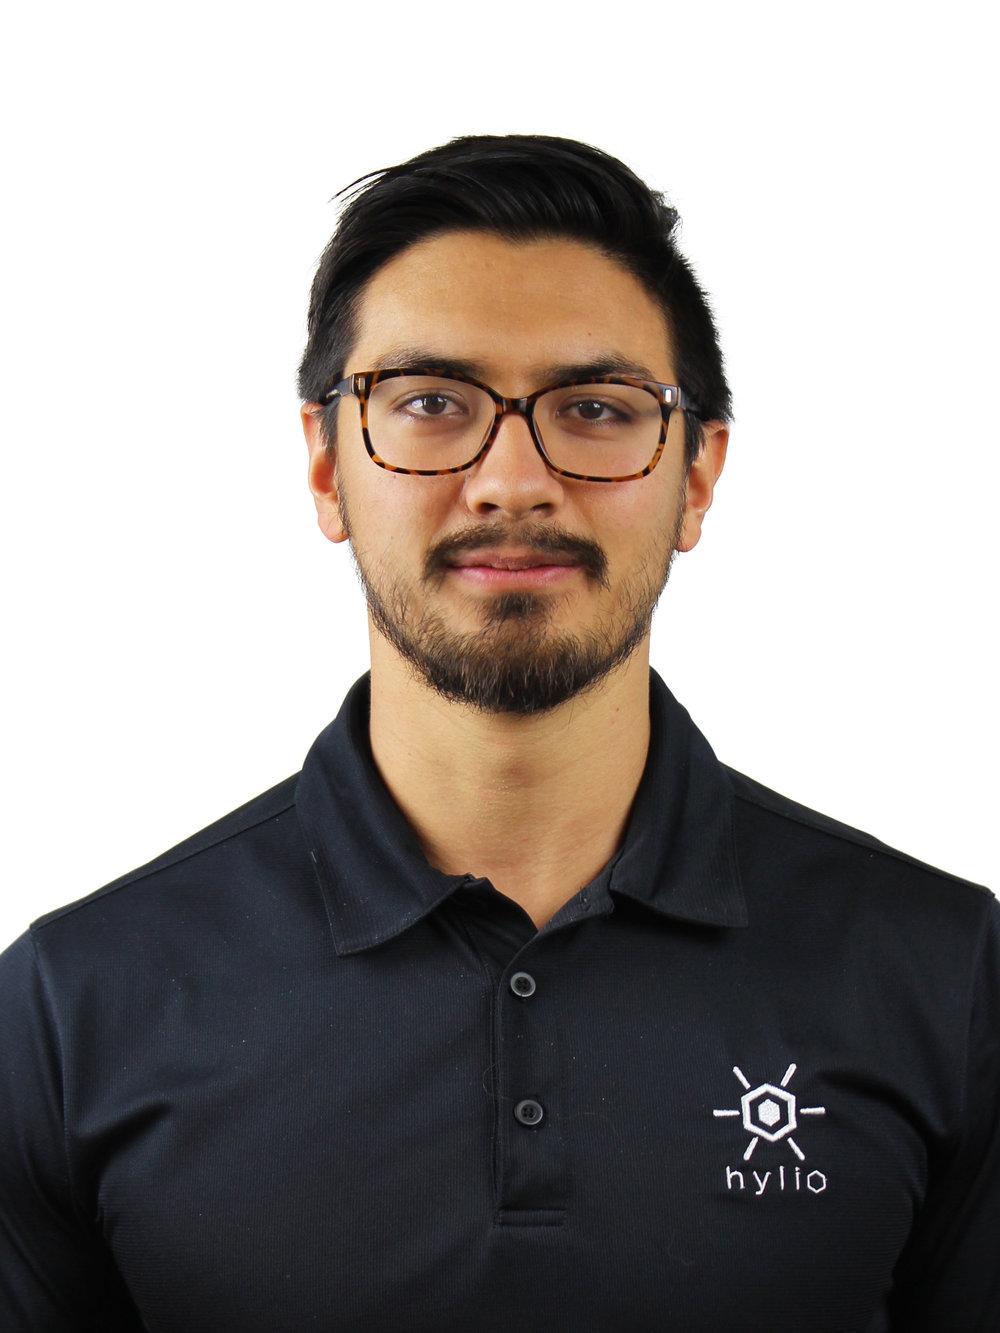 CEO - Arthur Erickson